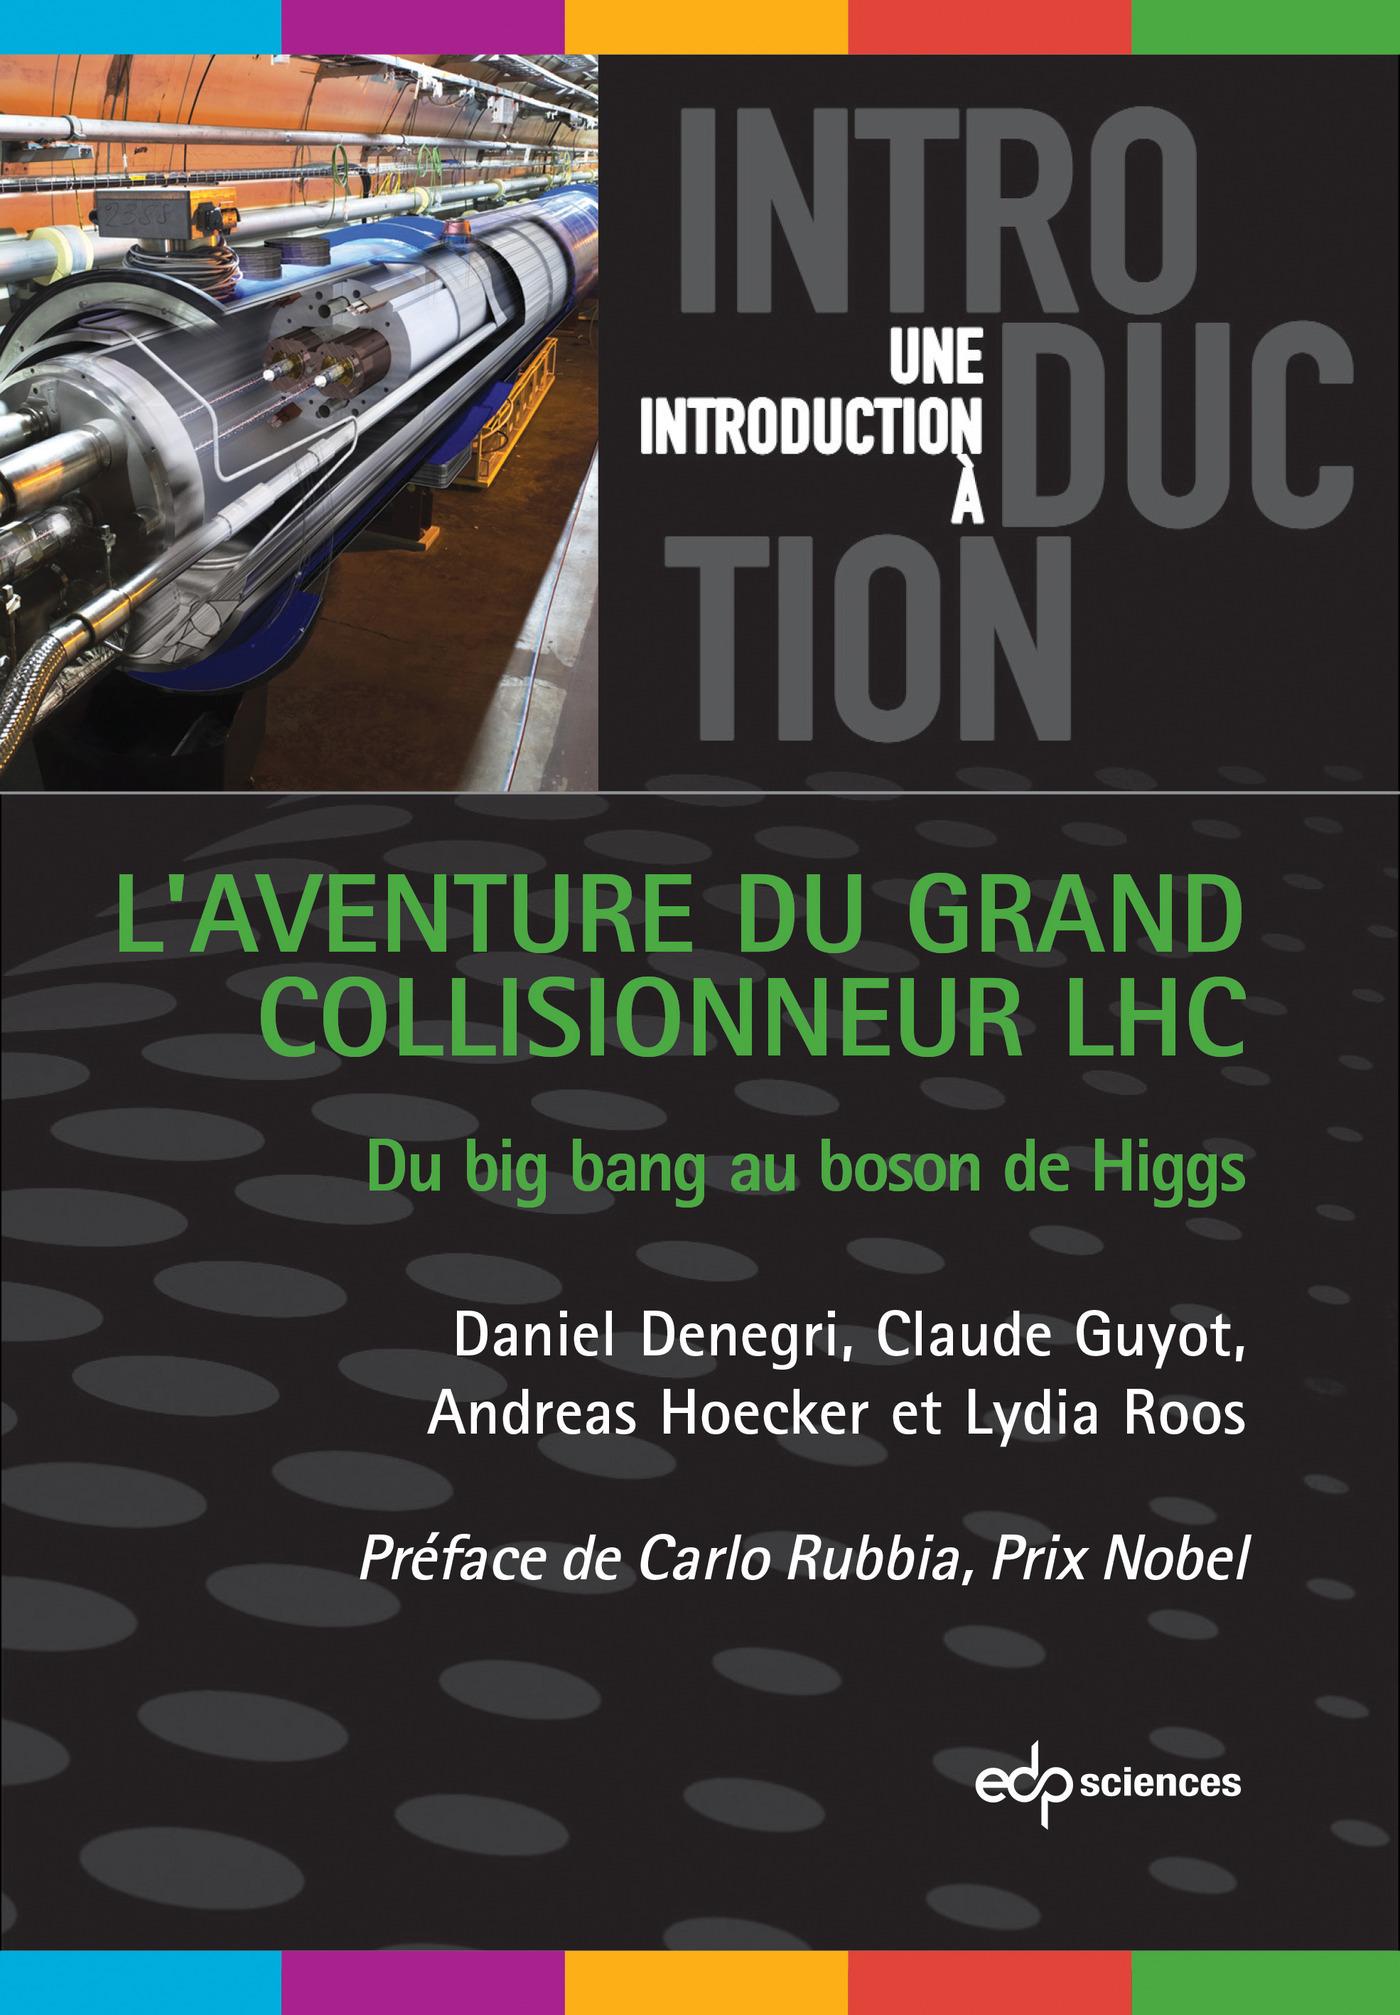 L'AVENTURE DU GRAND COLLISIONNEUR LHC DU BIG BANG AU BOSON DE HIGGS